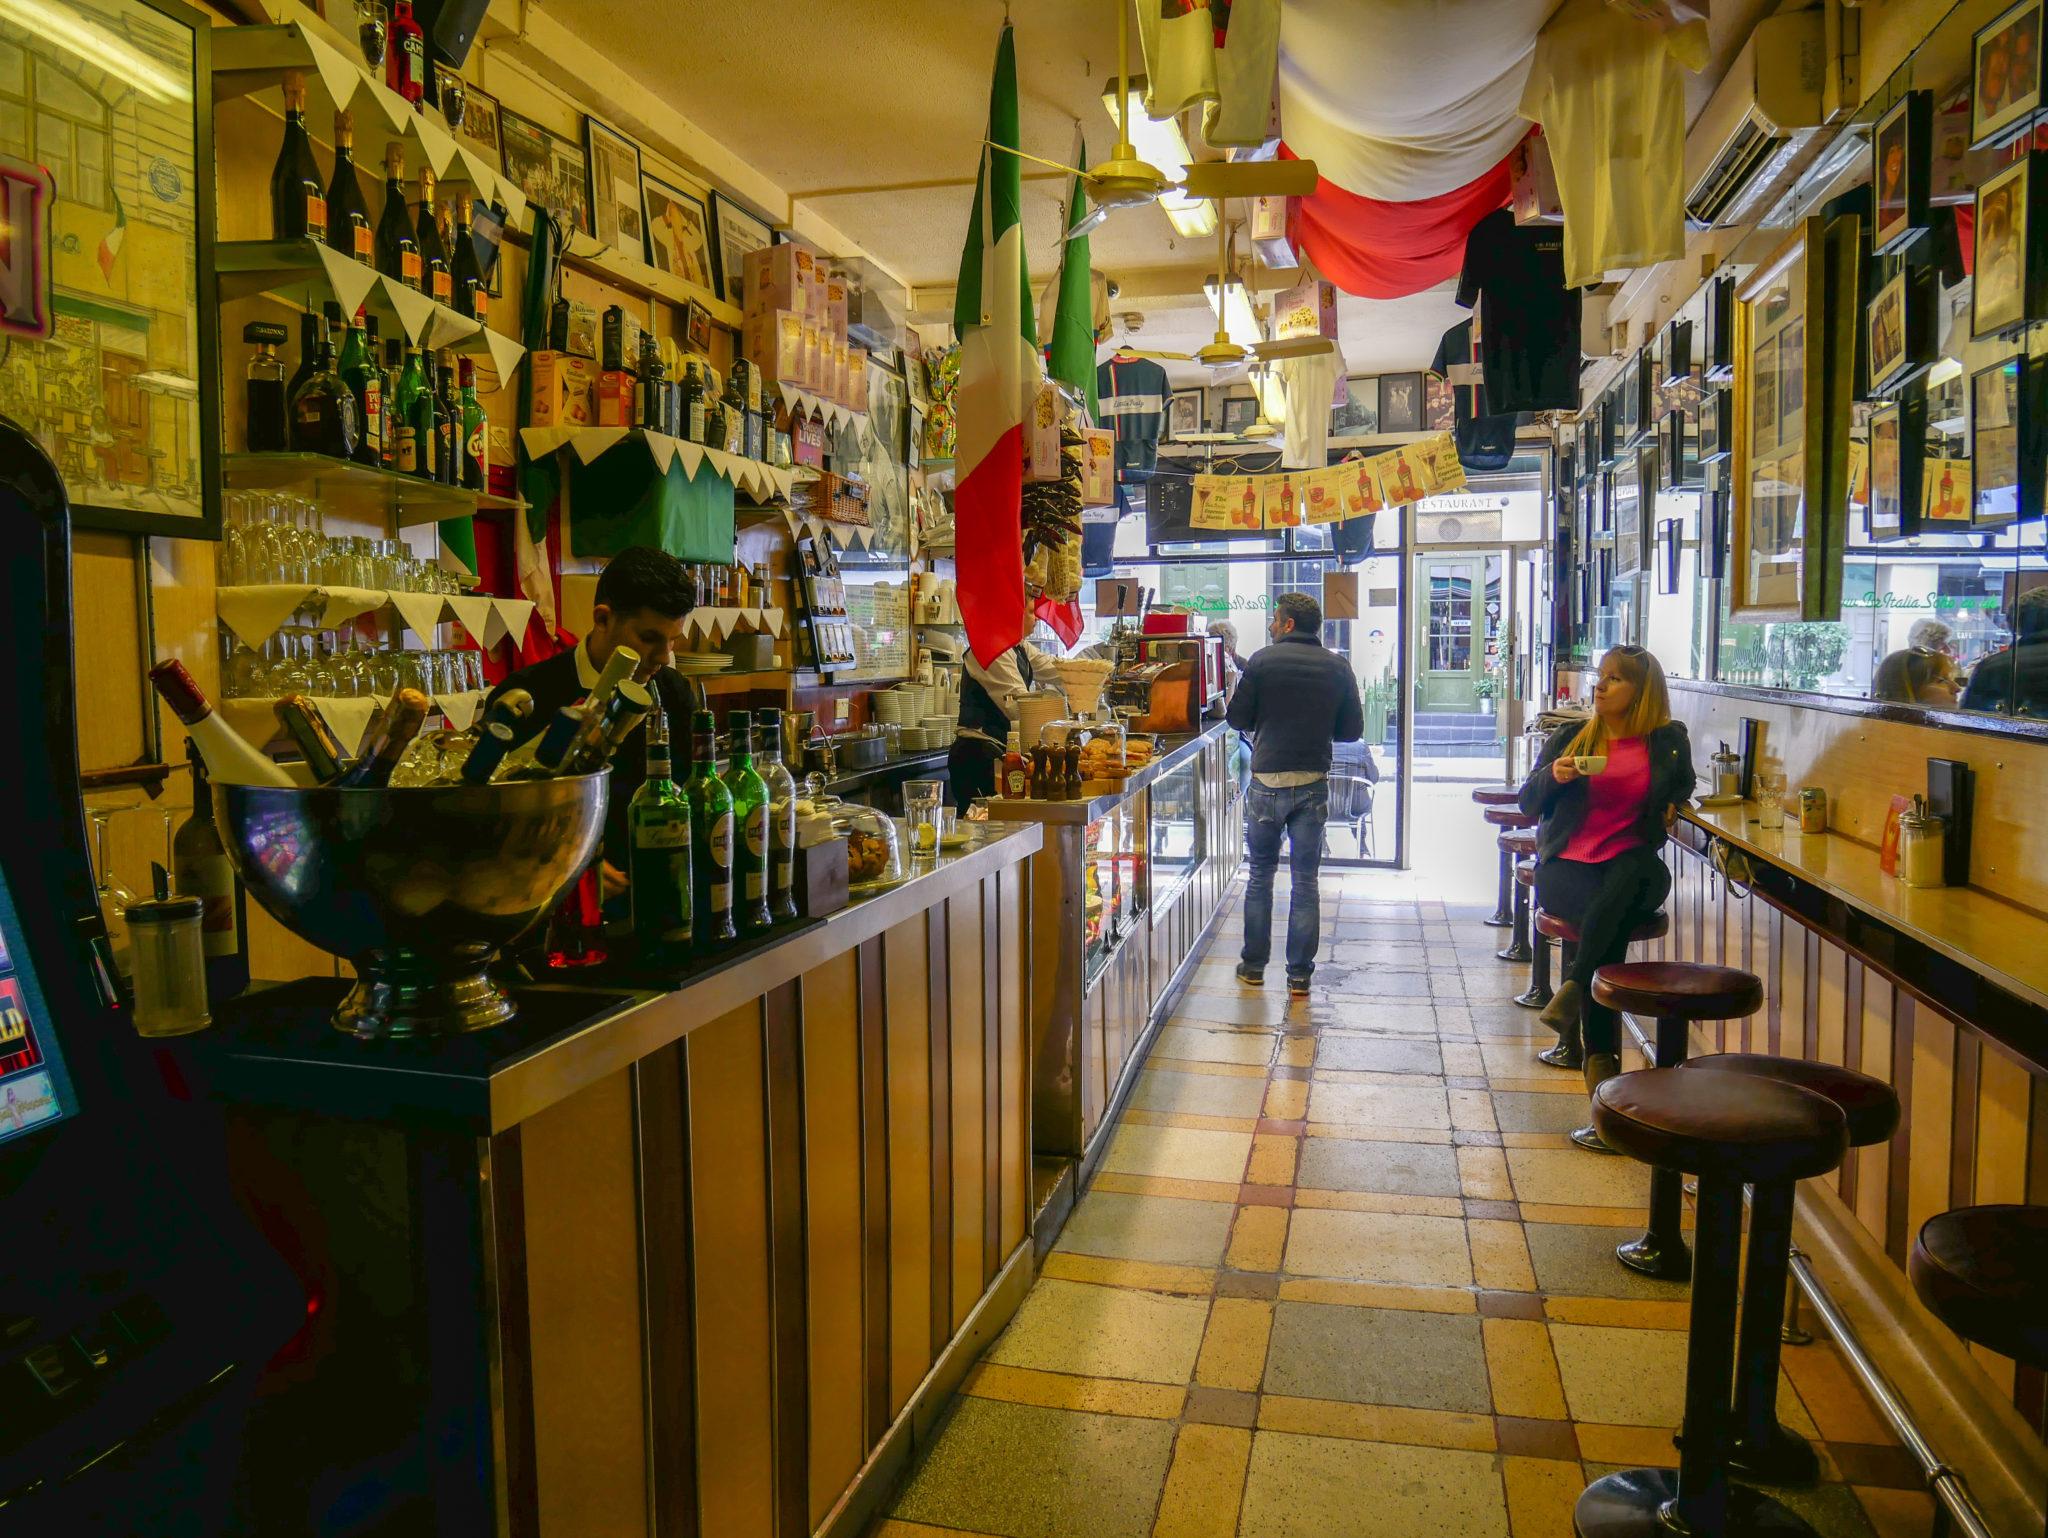 The inside of Bar Italia, Soho, London